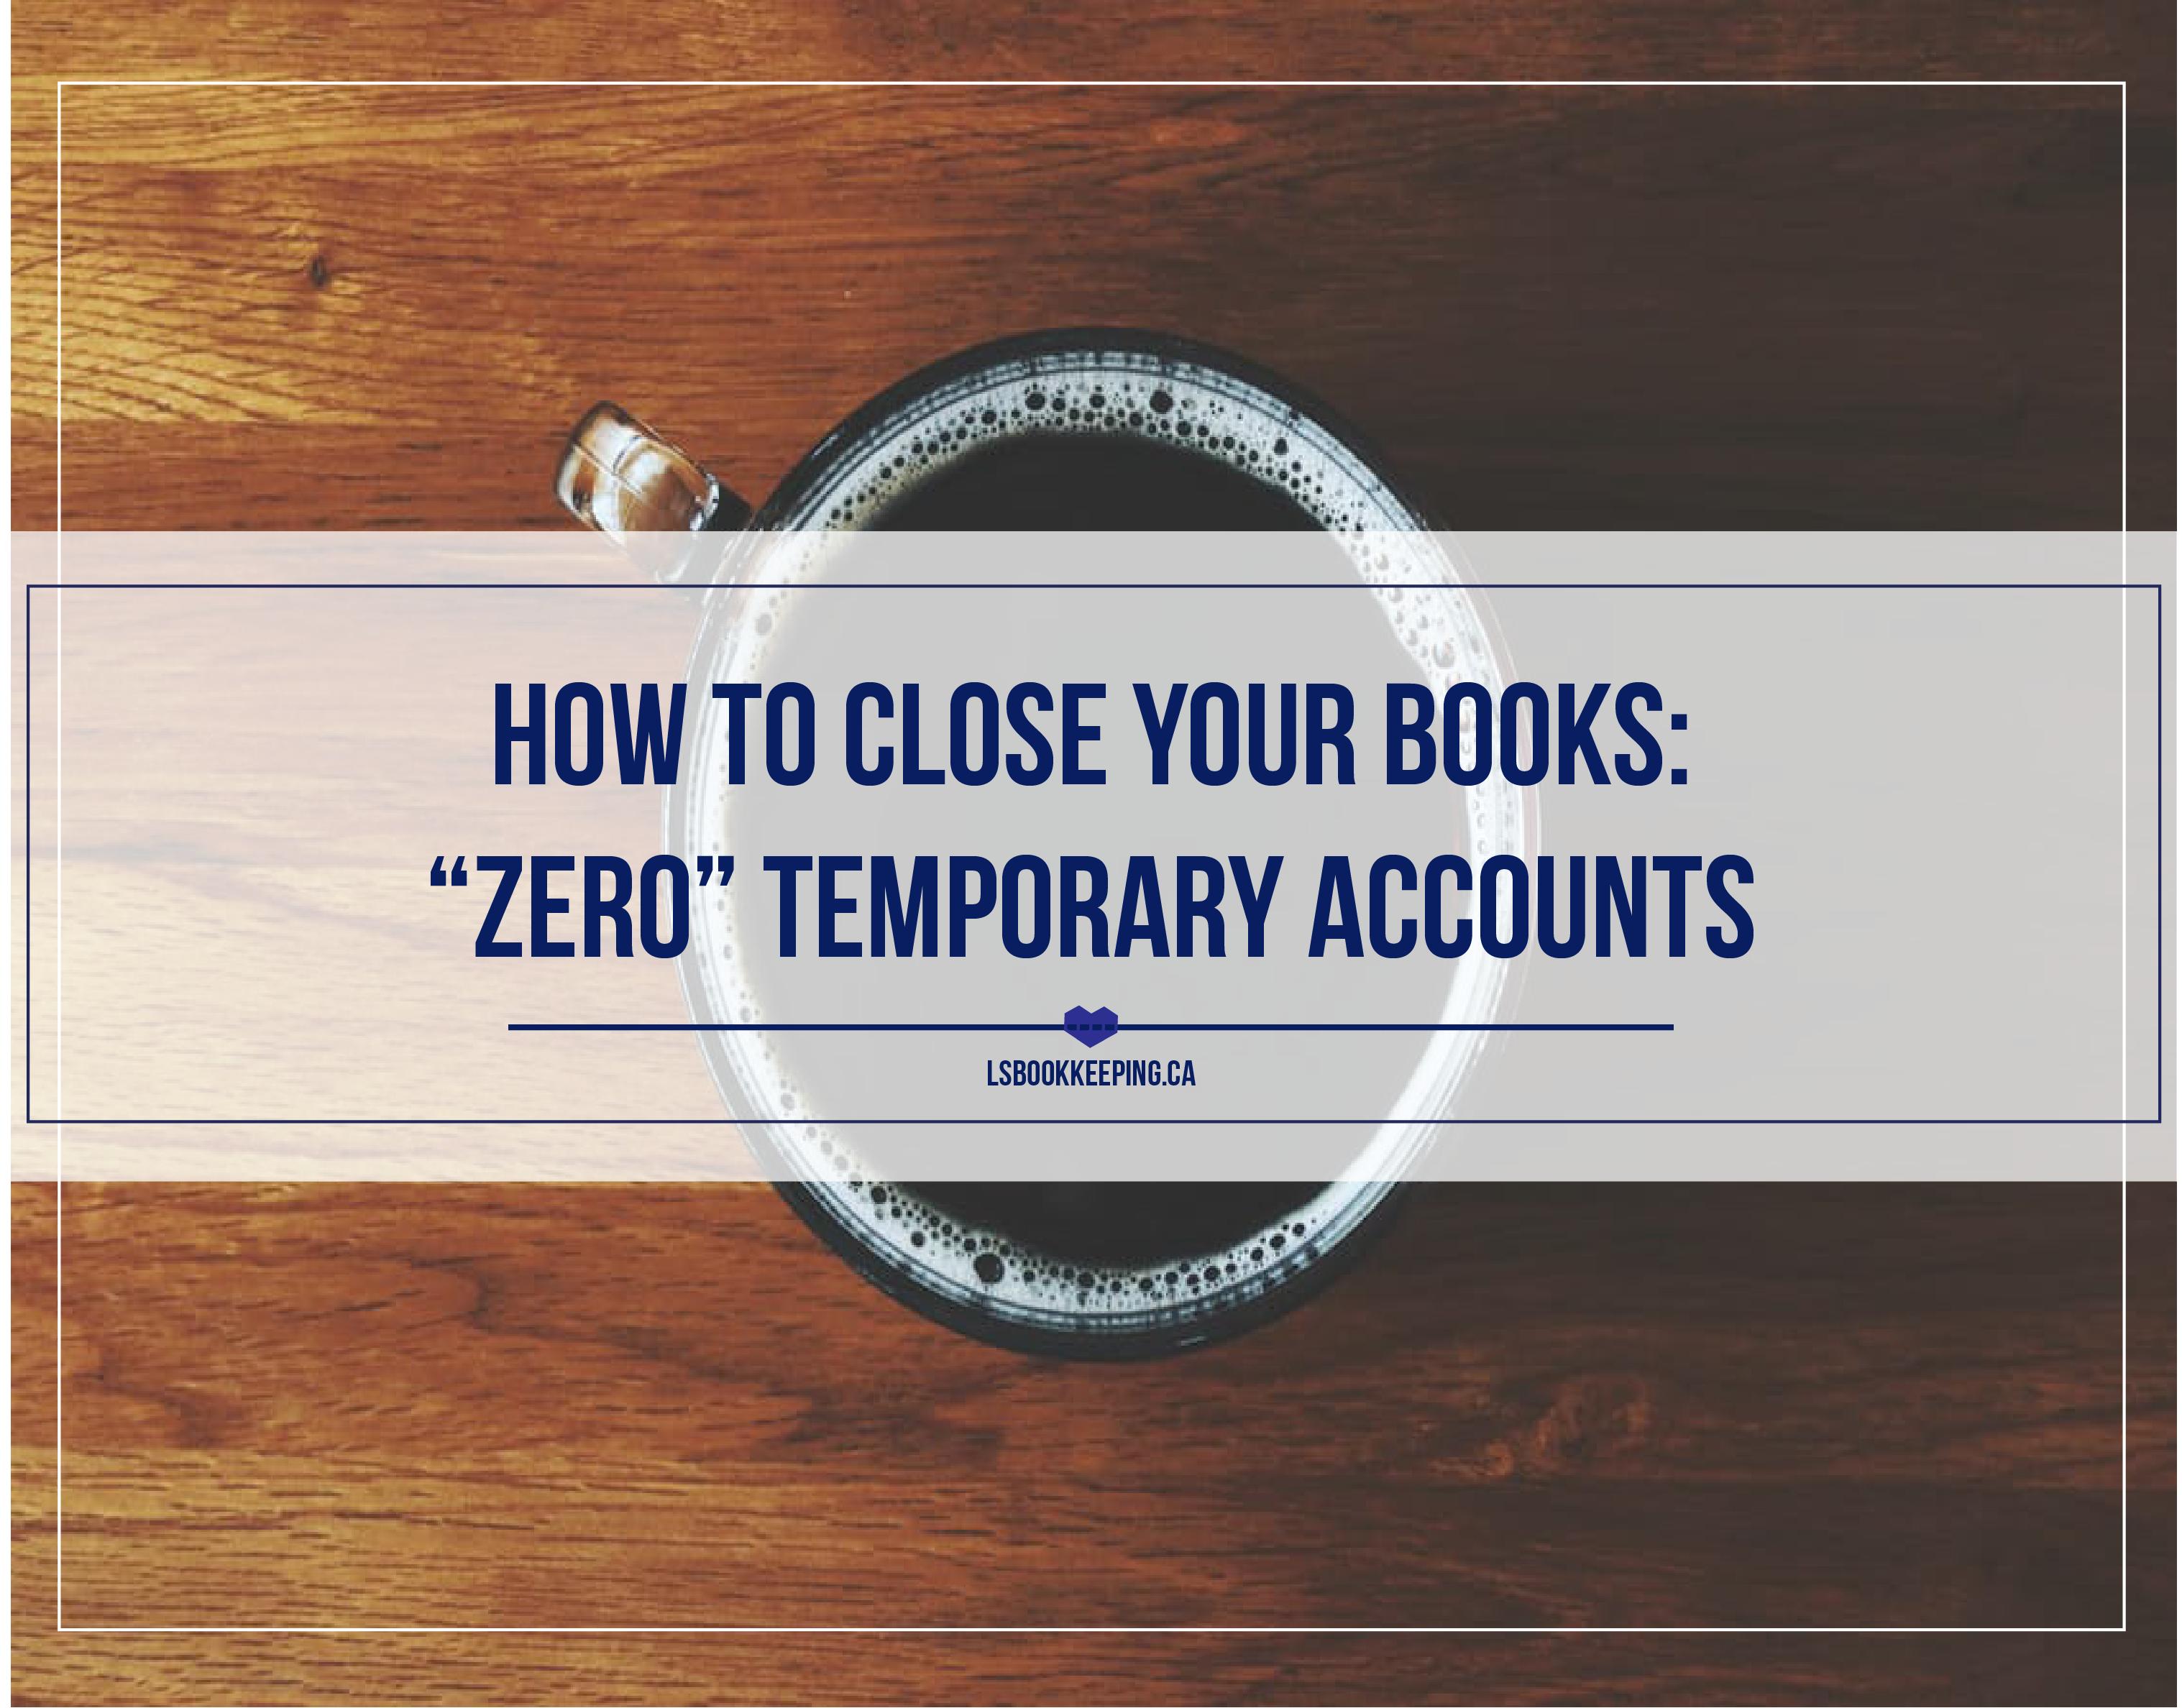 how to close your pcoptimum account